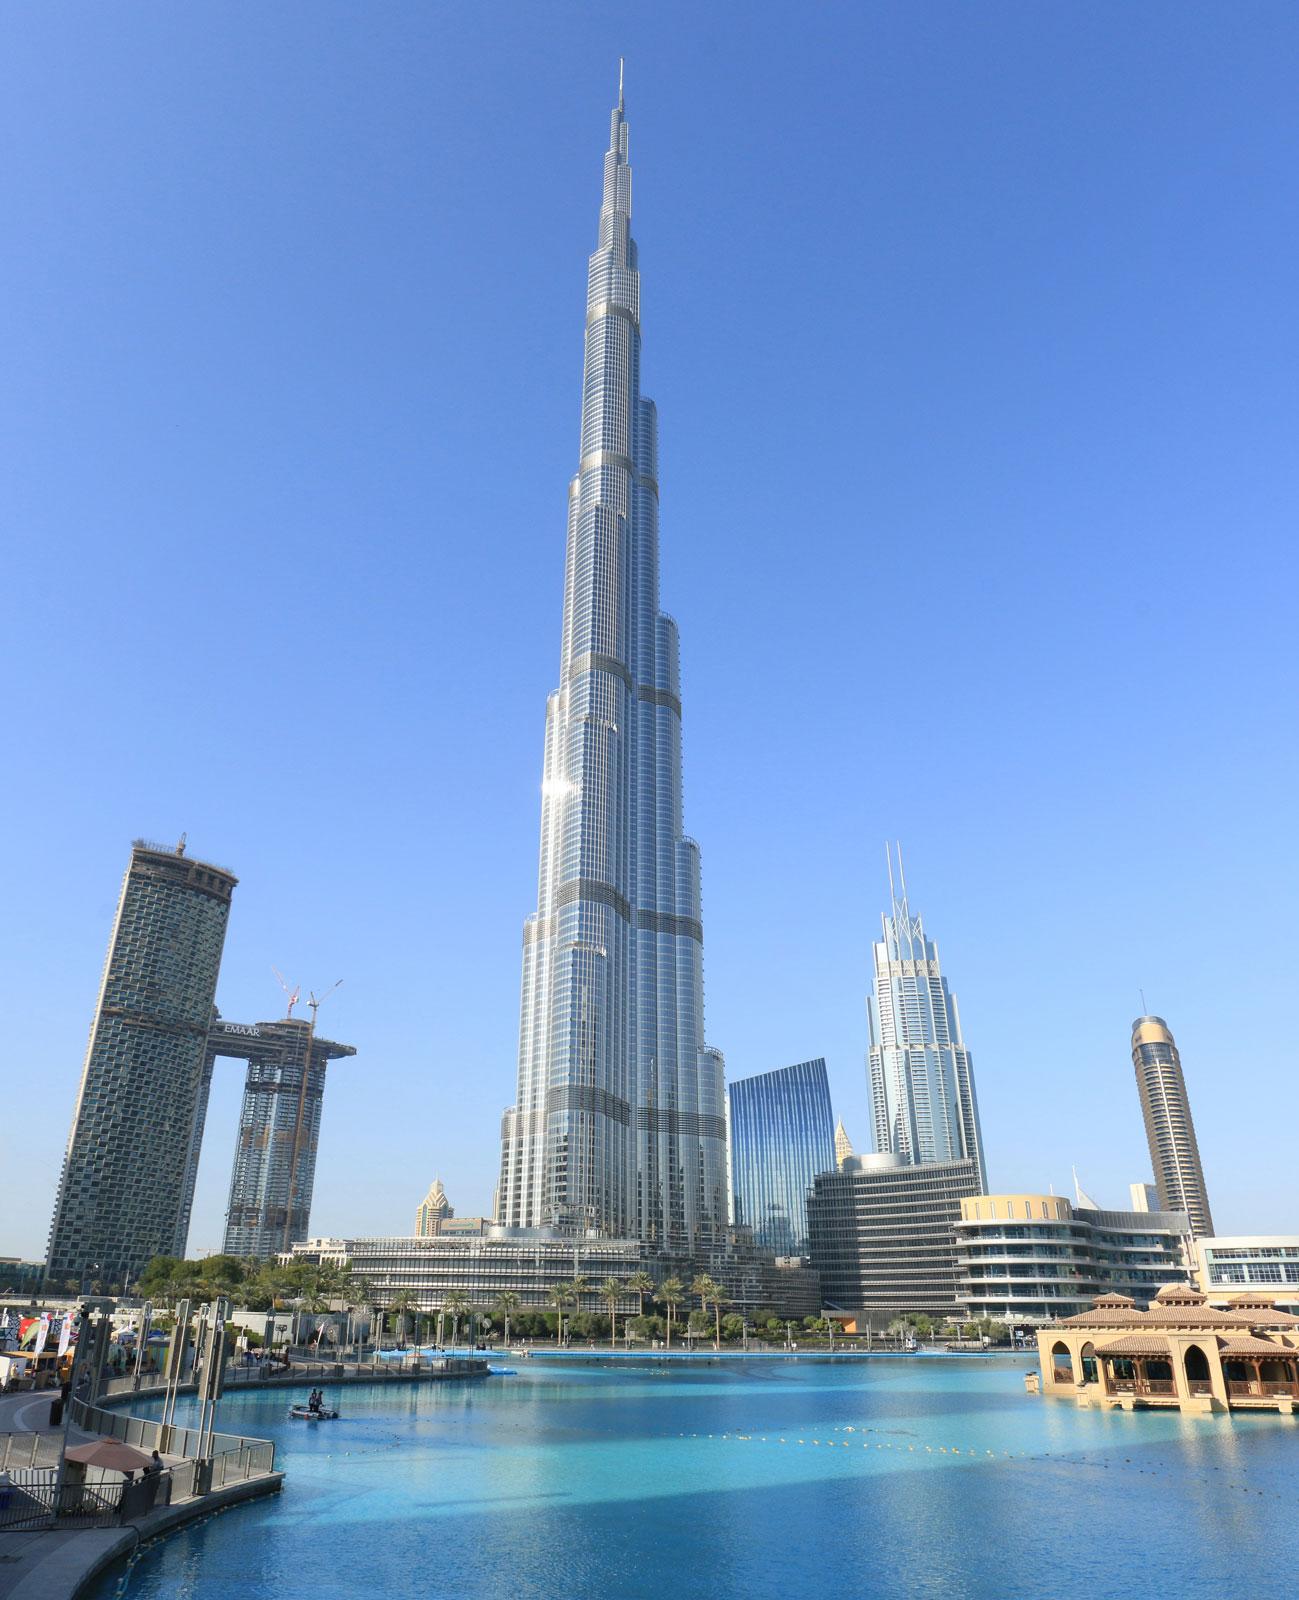 Burj Khalifa Floors and Sections